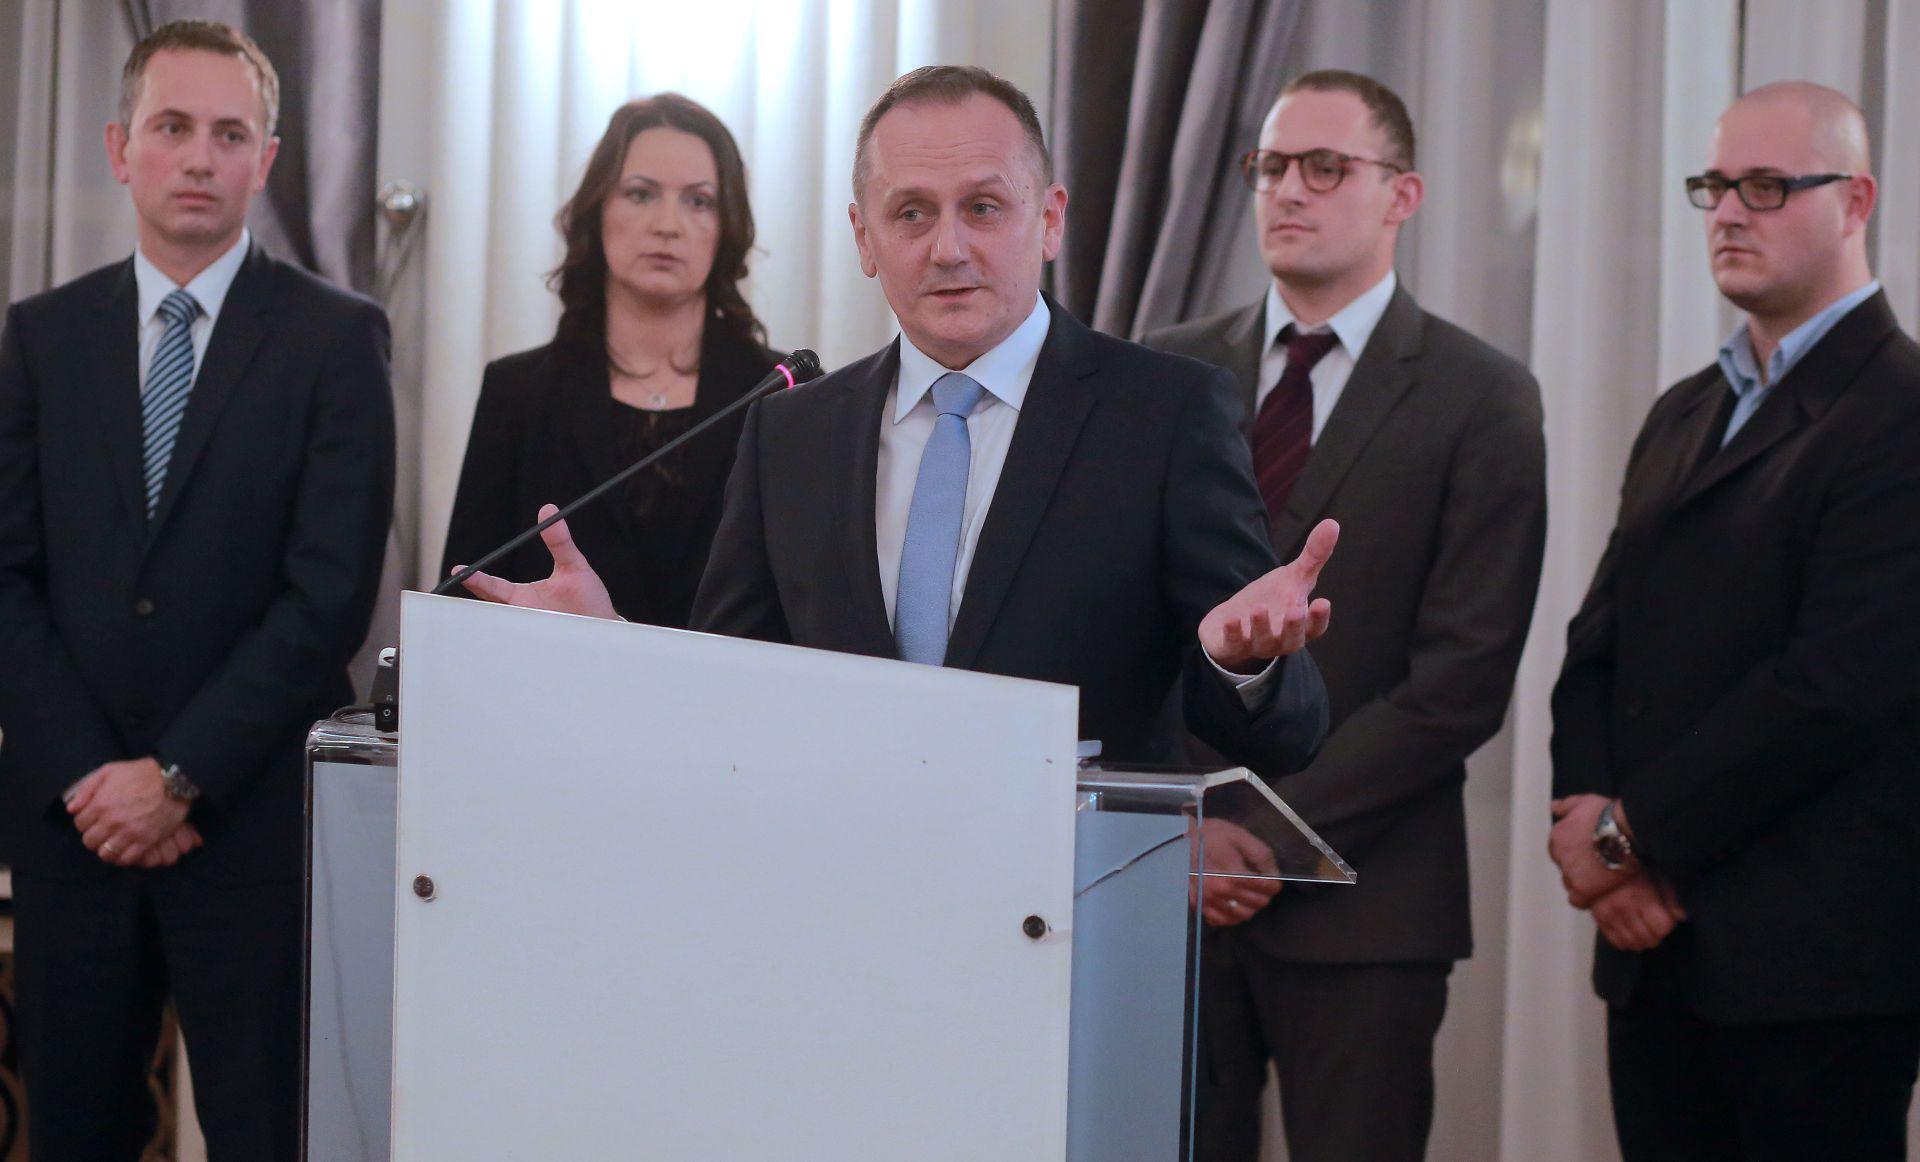 IZBORI 2015. Prgomet: Našim mandatima neće trgovati ni Karamarko ni Milanović